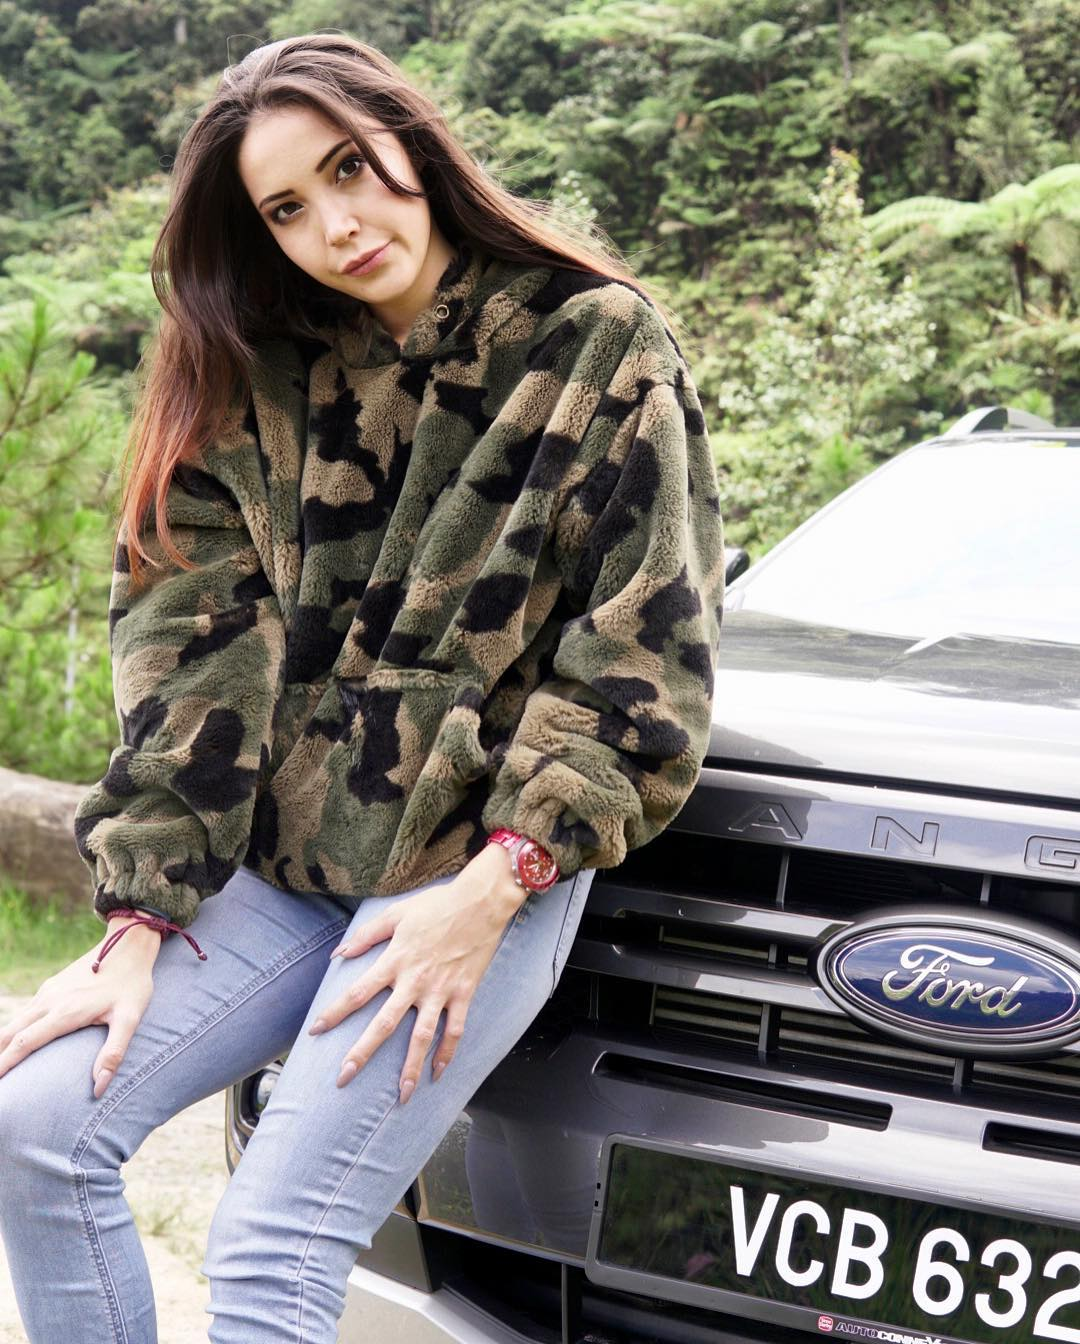 """""""Macam Orang GiIa"""" – Model Instagram Kongsi Detik Cem4s Terkena Ser4ngan Panik!"""